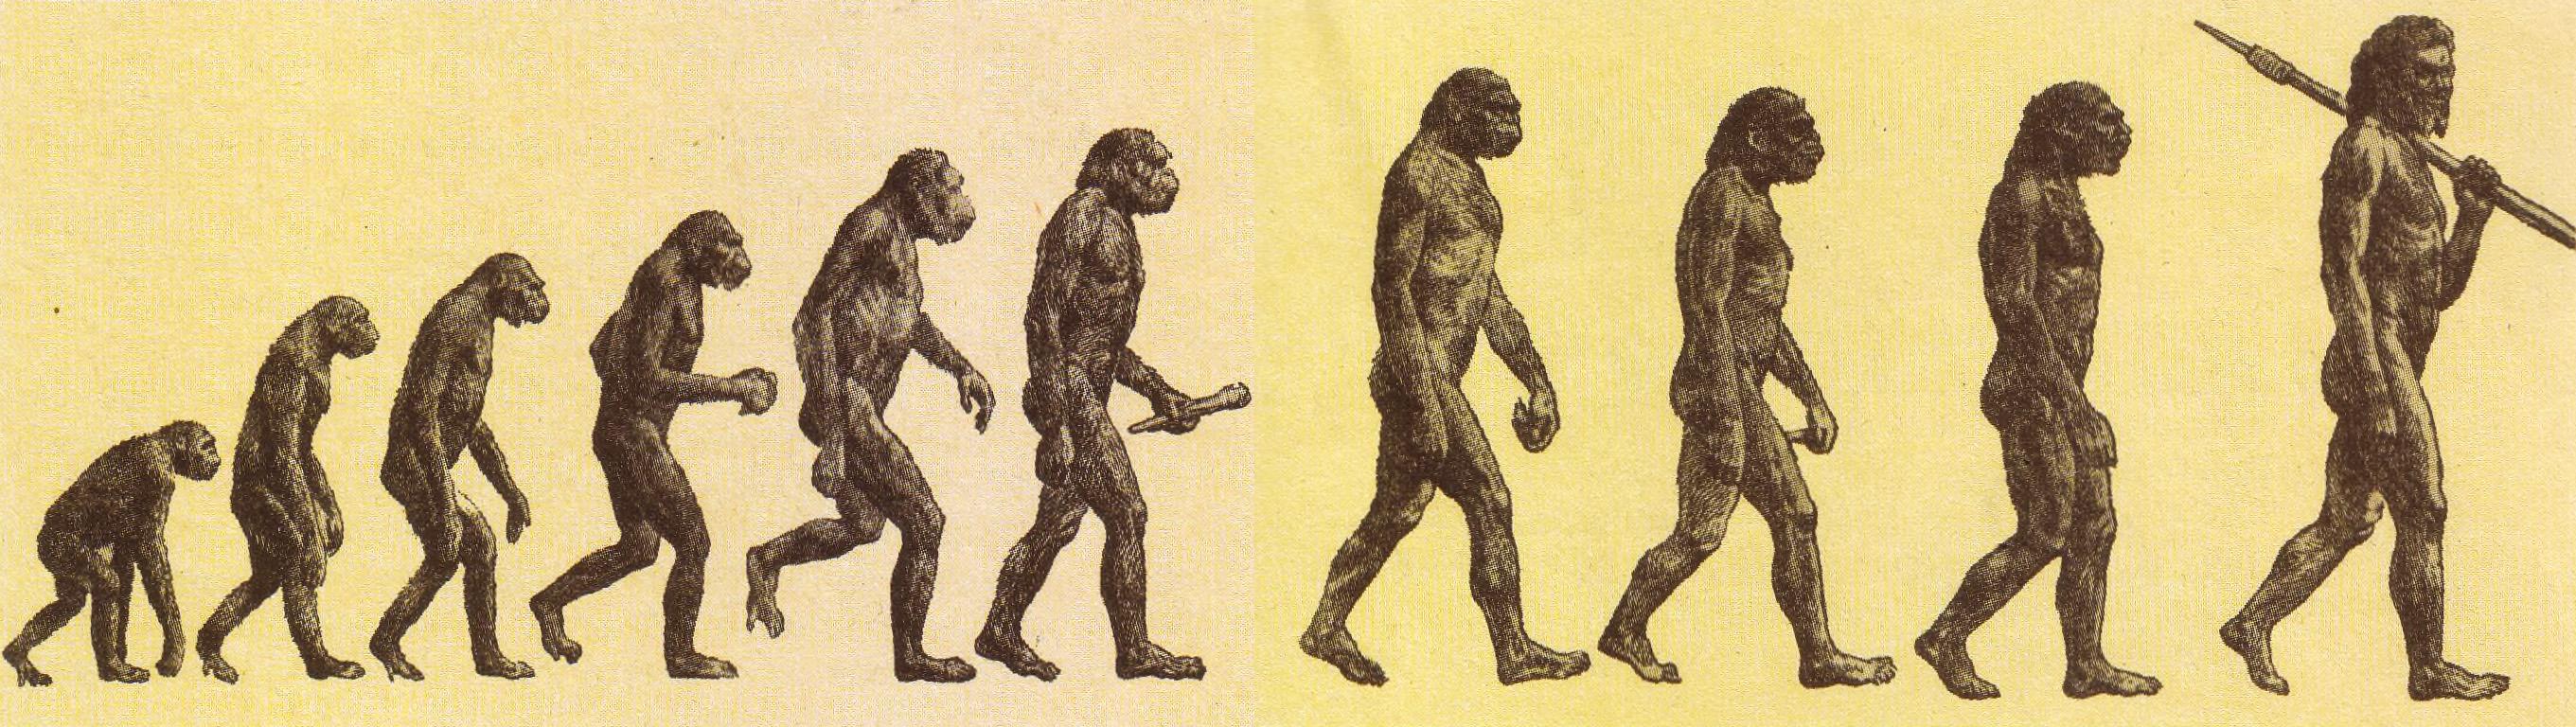 Один рисунок человека образные обезьяны 3